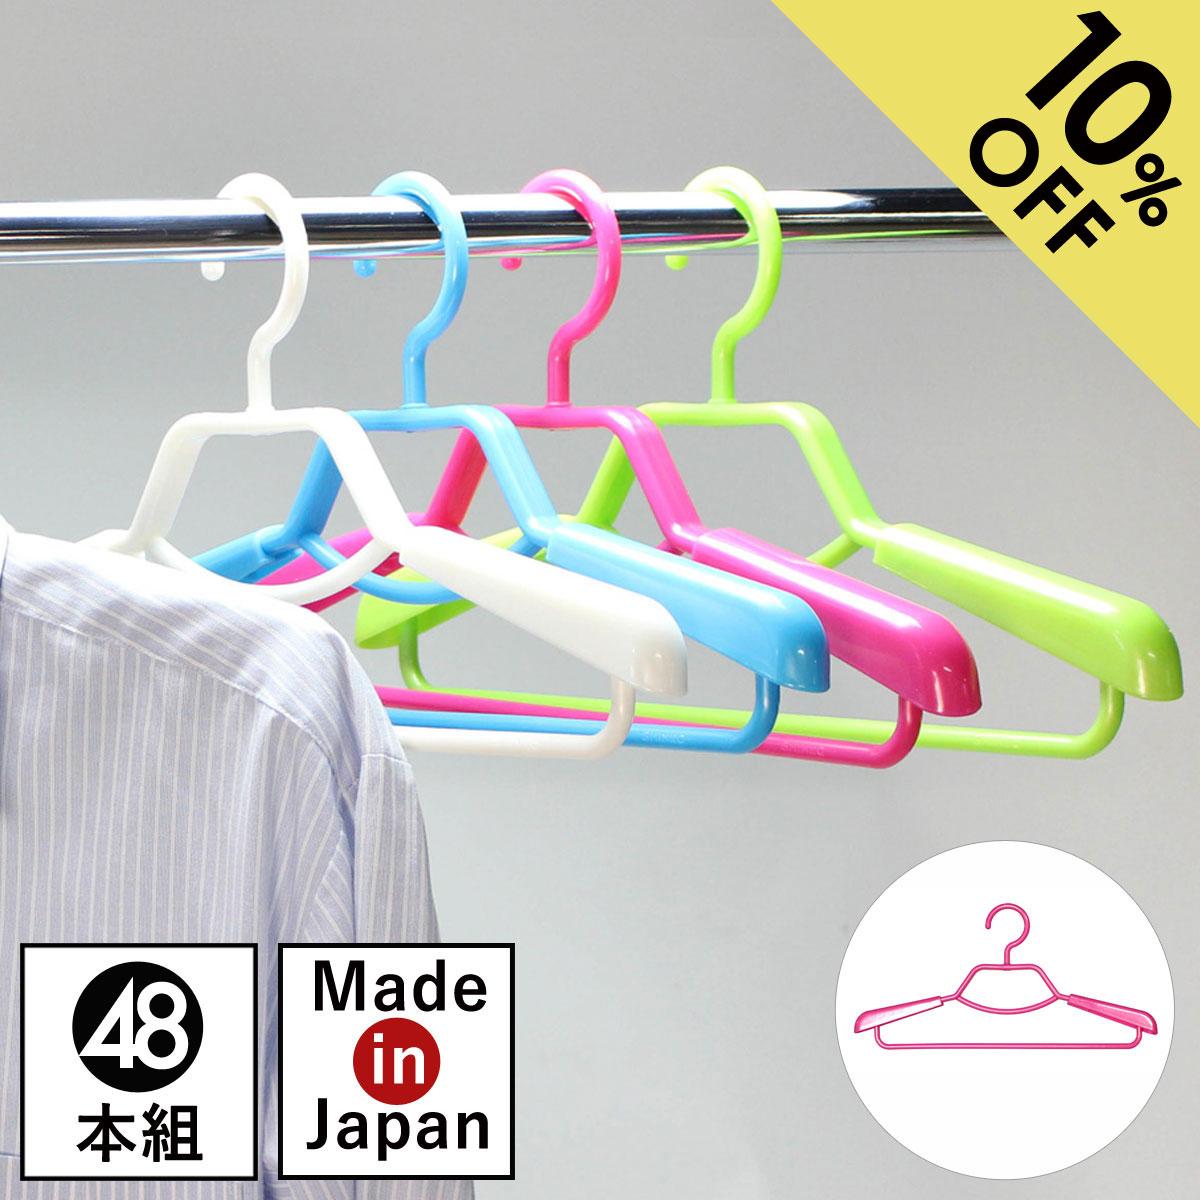 ハンガー 収納 おしゃれ 型崩れ プラスチックハンガー Livido スライドシャツハンガー48本セット カラフル おしゃれ かわいい